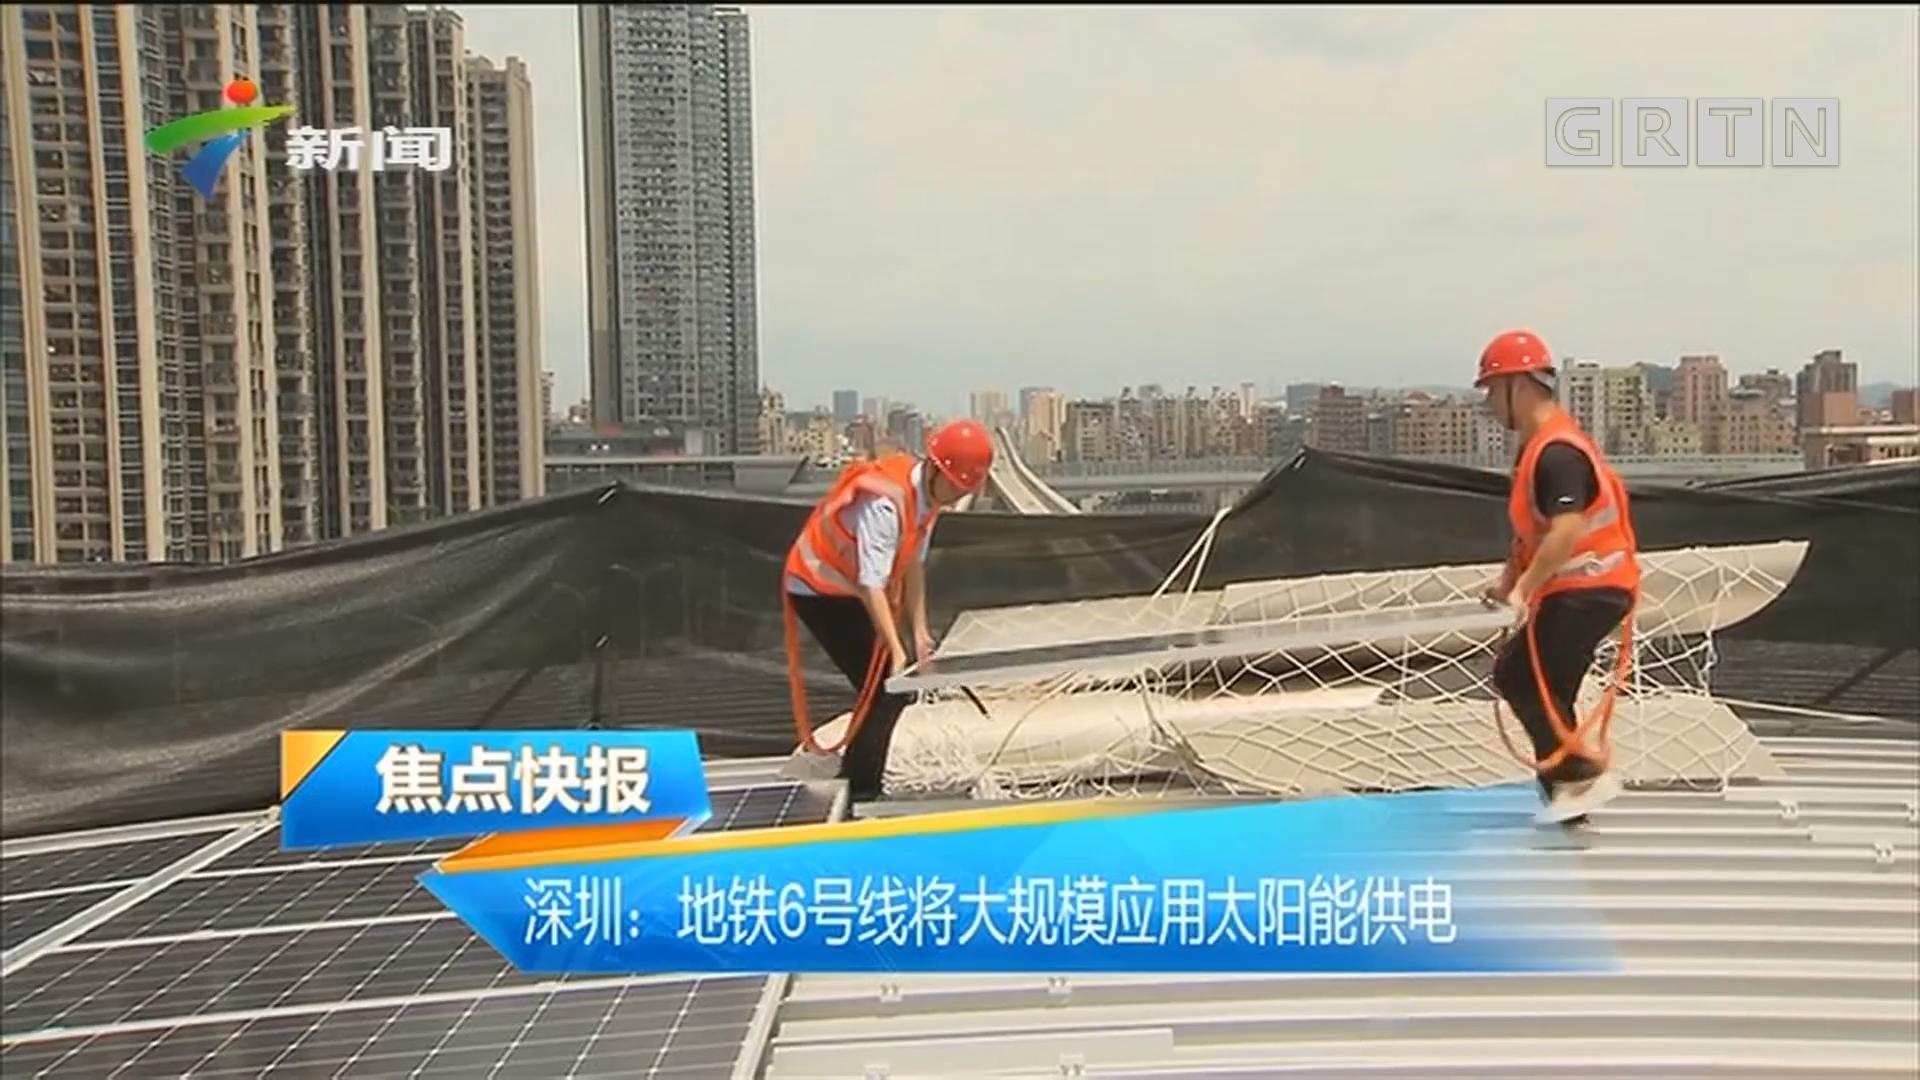 深圳:地铁6号线将大规模应用太阳能供电